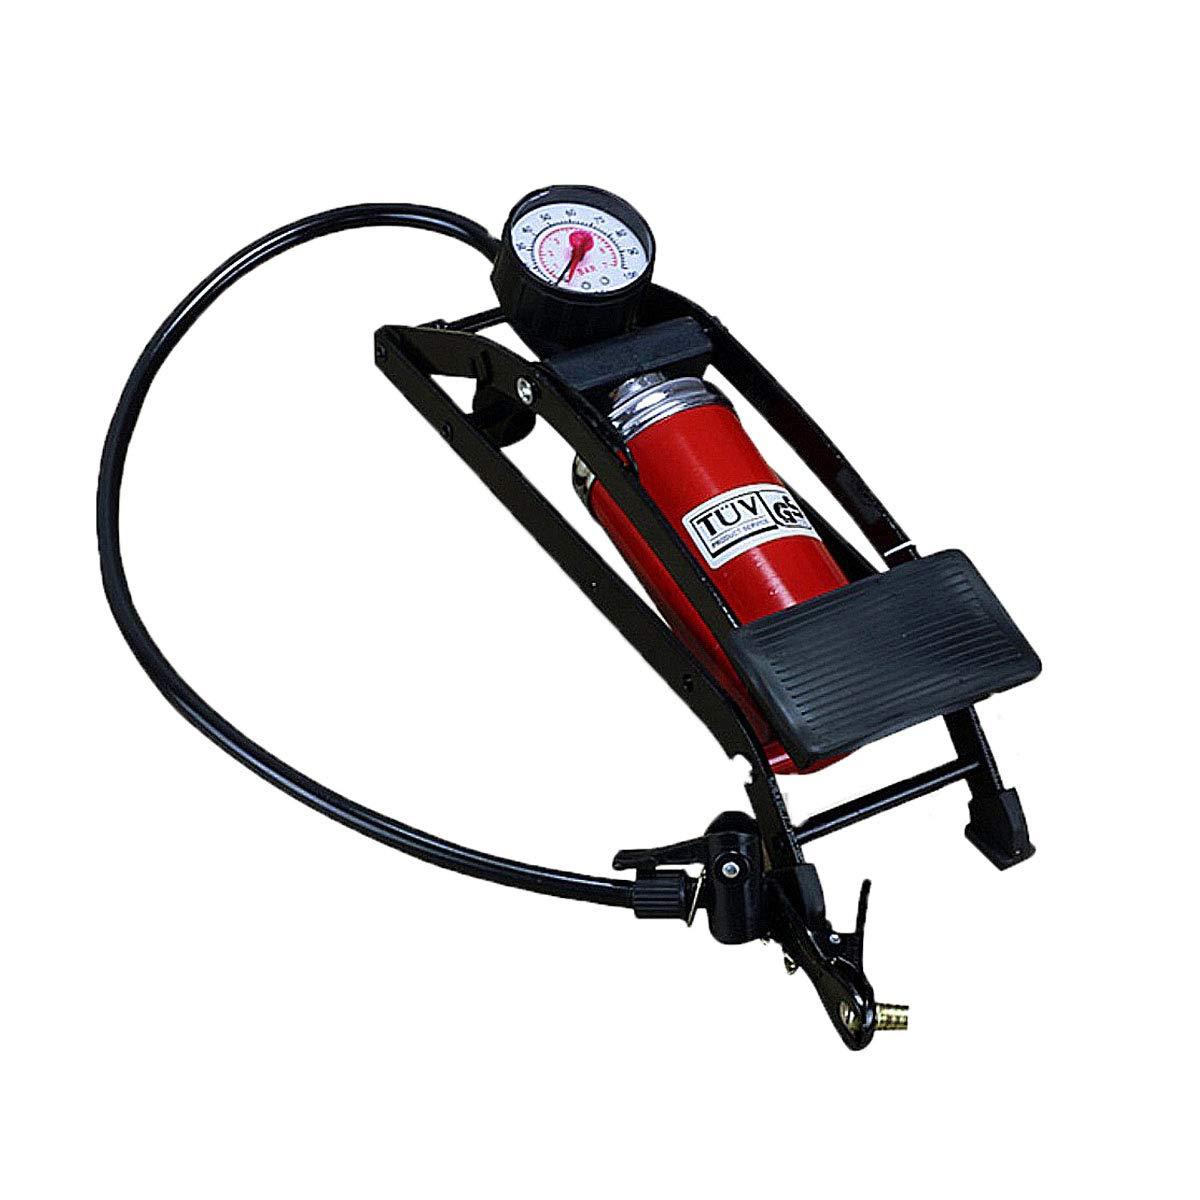 DownBeat Doppelzylinder-Fußpumpe mit Manometer und mit universal-pumpekopf für FV/AV/DV